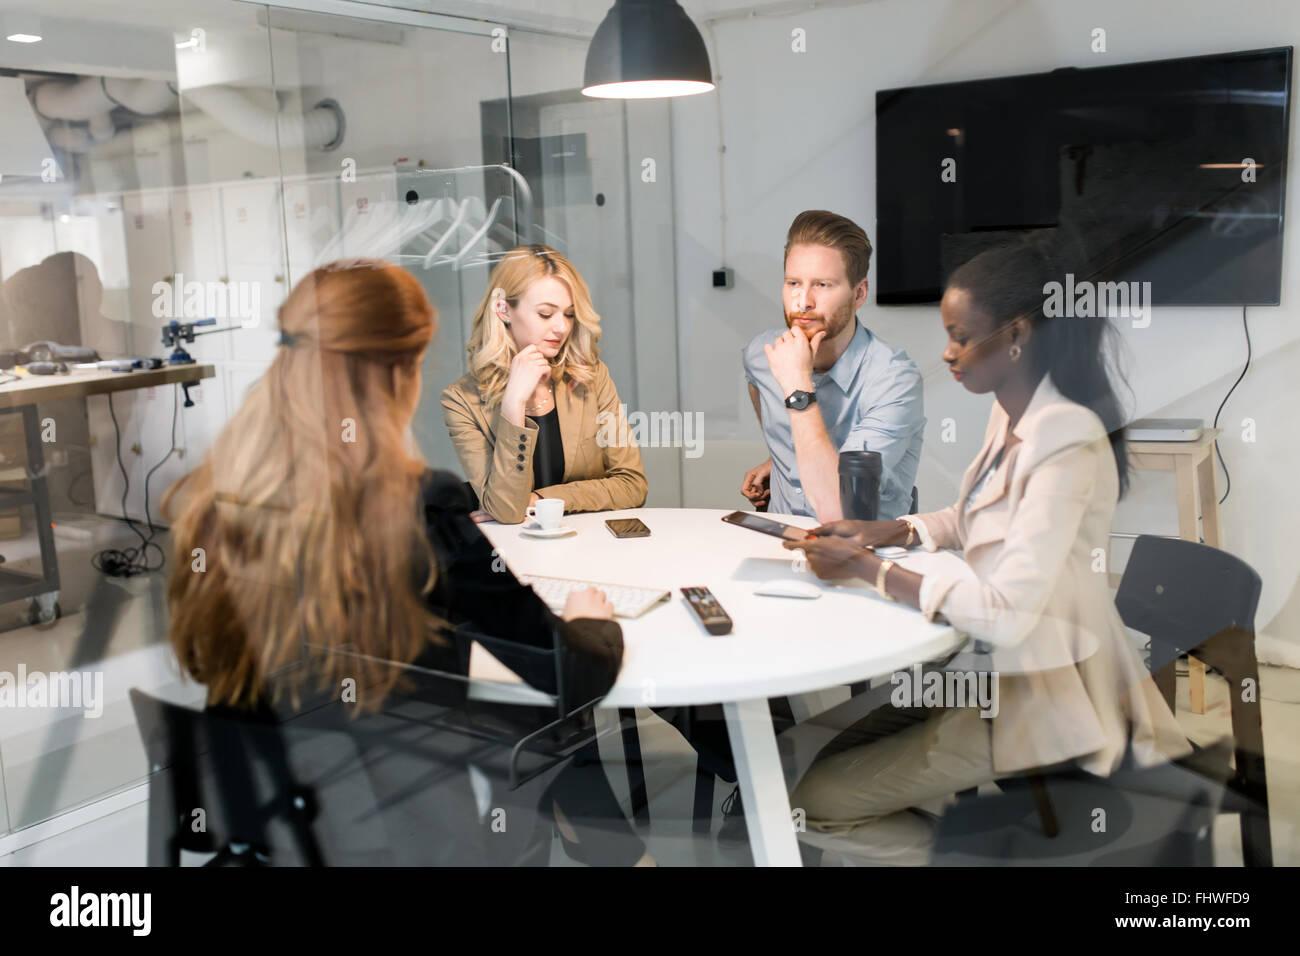 La gente di affari della riunione del consiglio di amministrazione in un ufficio moderno mentre è seduto alla Immagini Stock